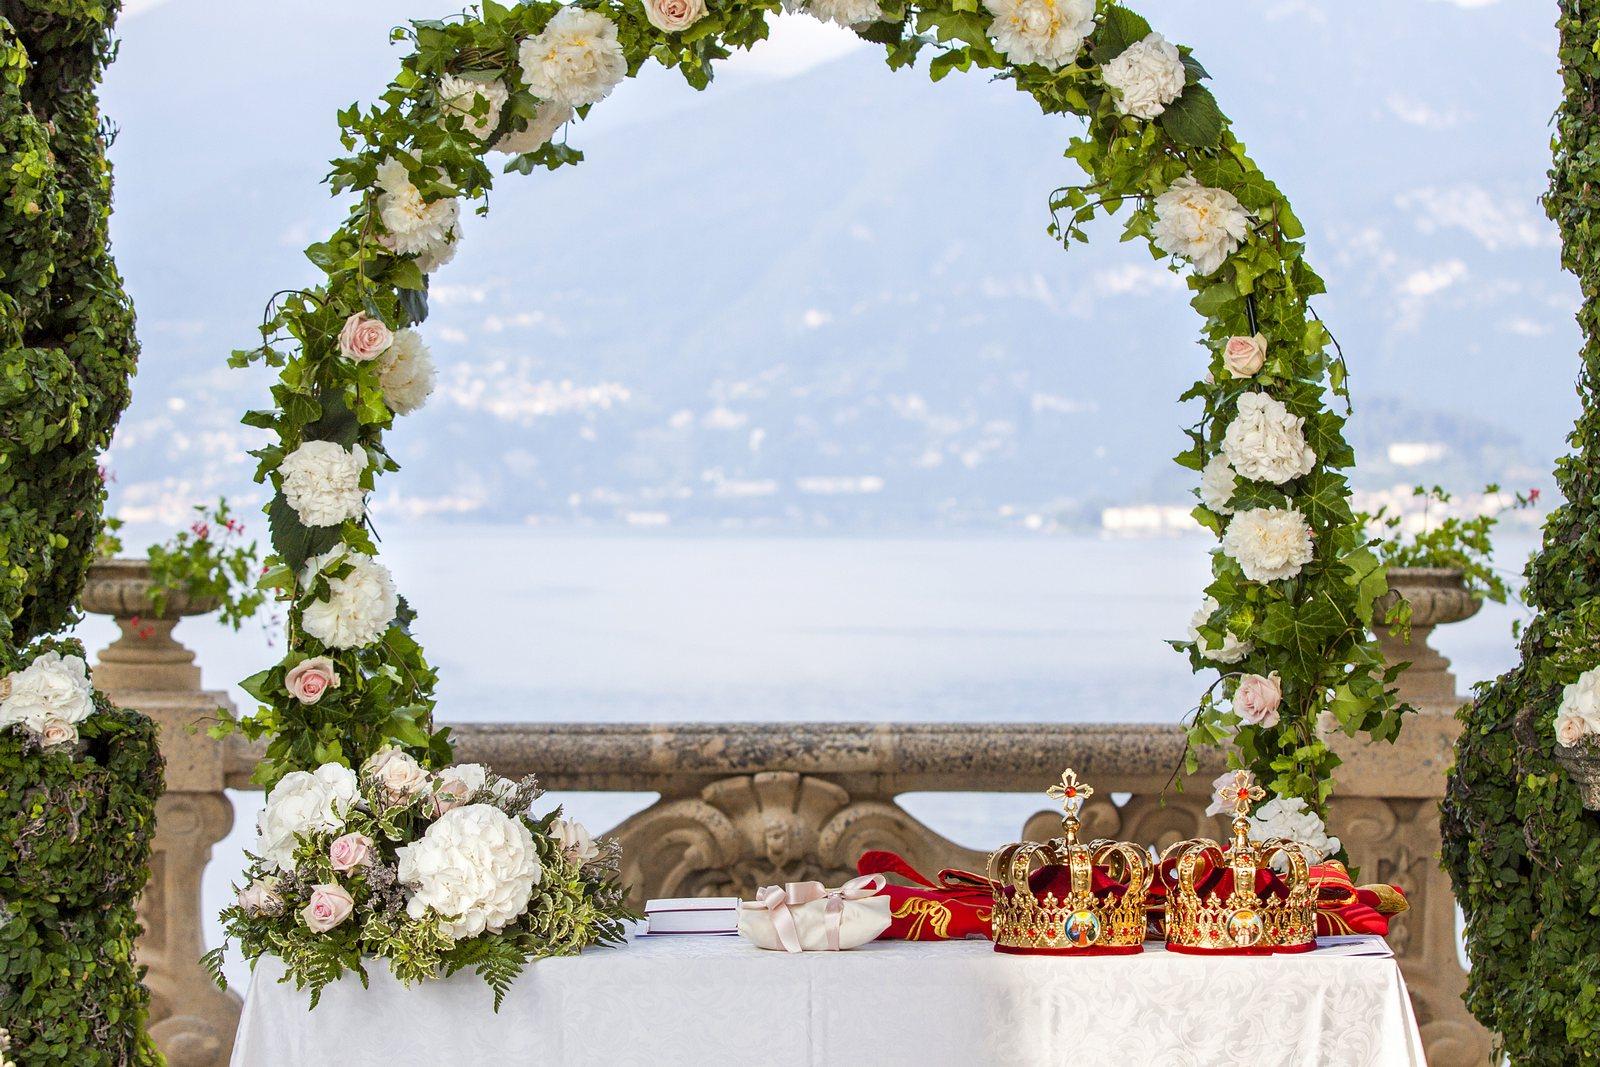 Flower arch in VIlla Balbianello